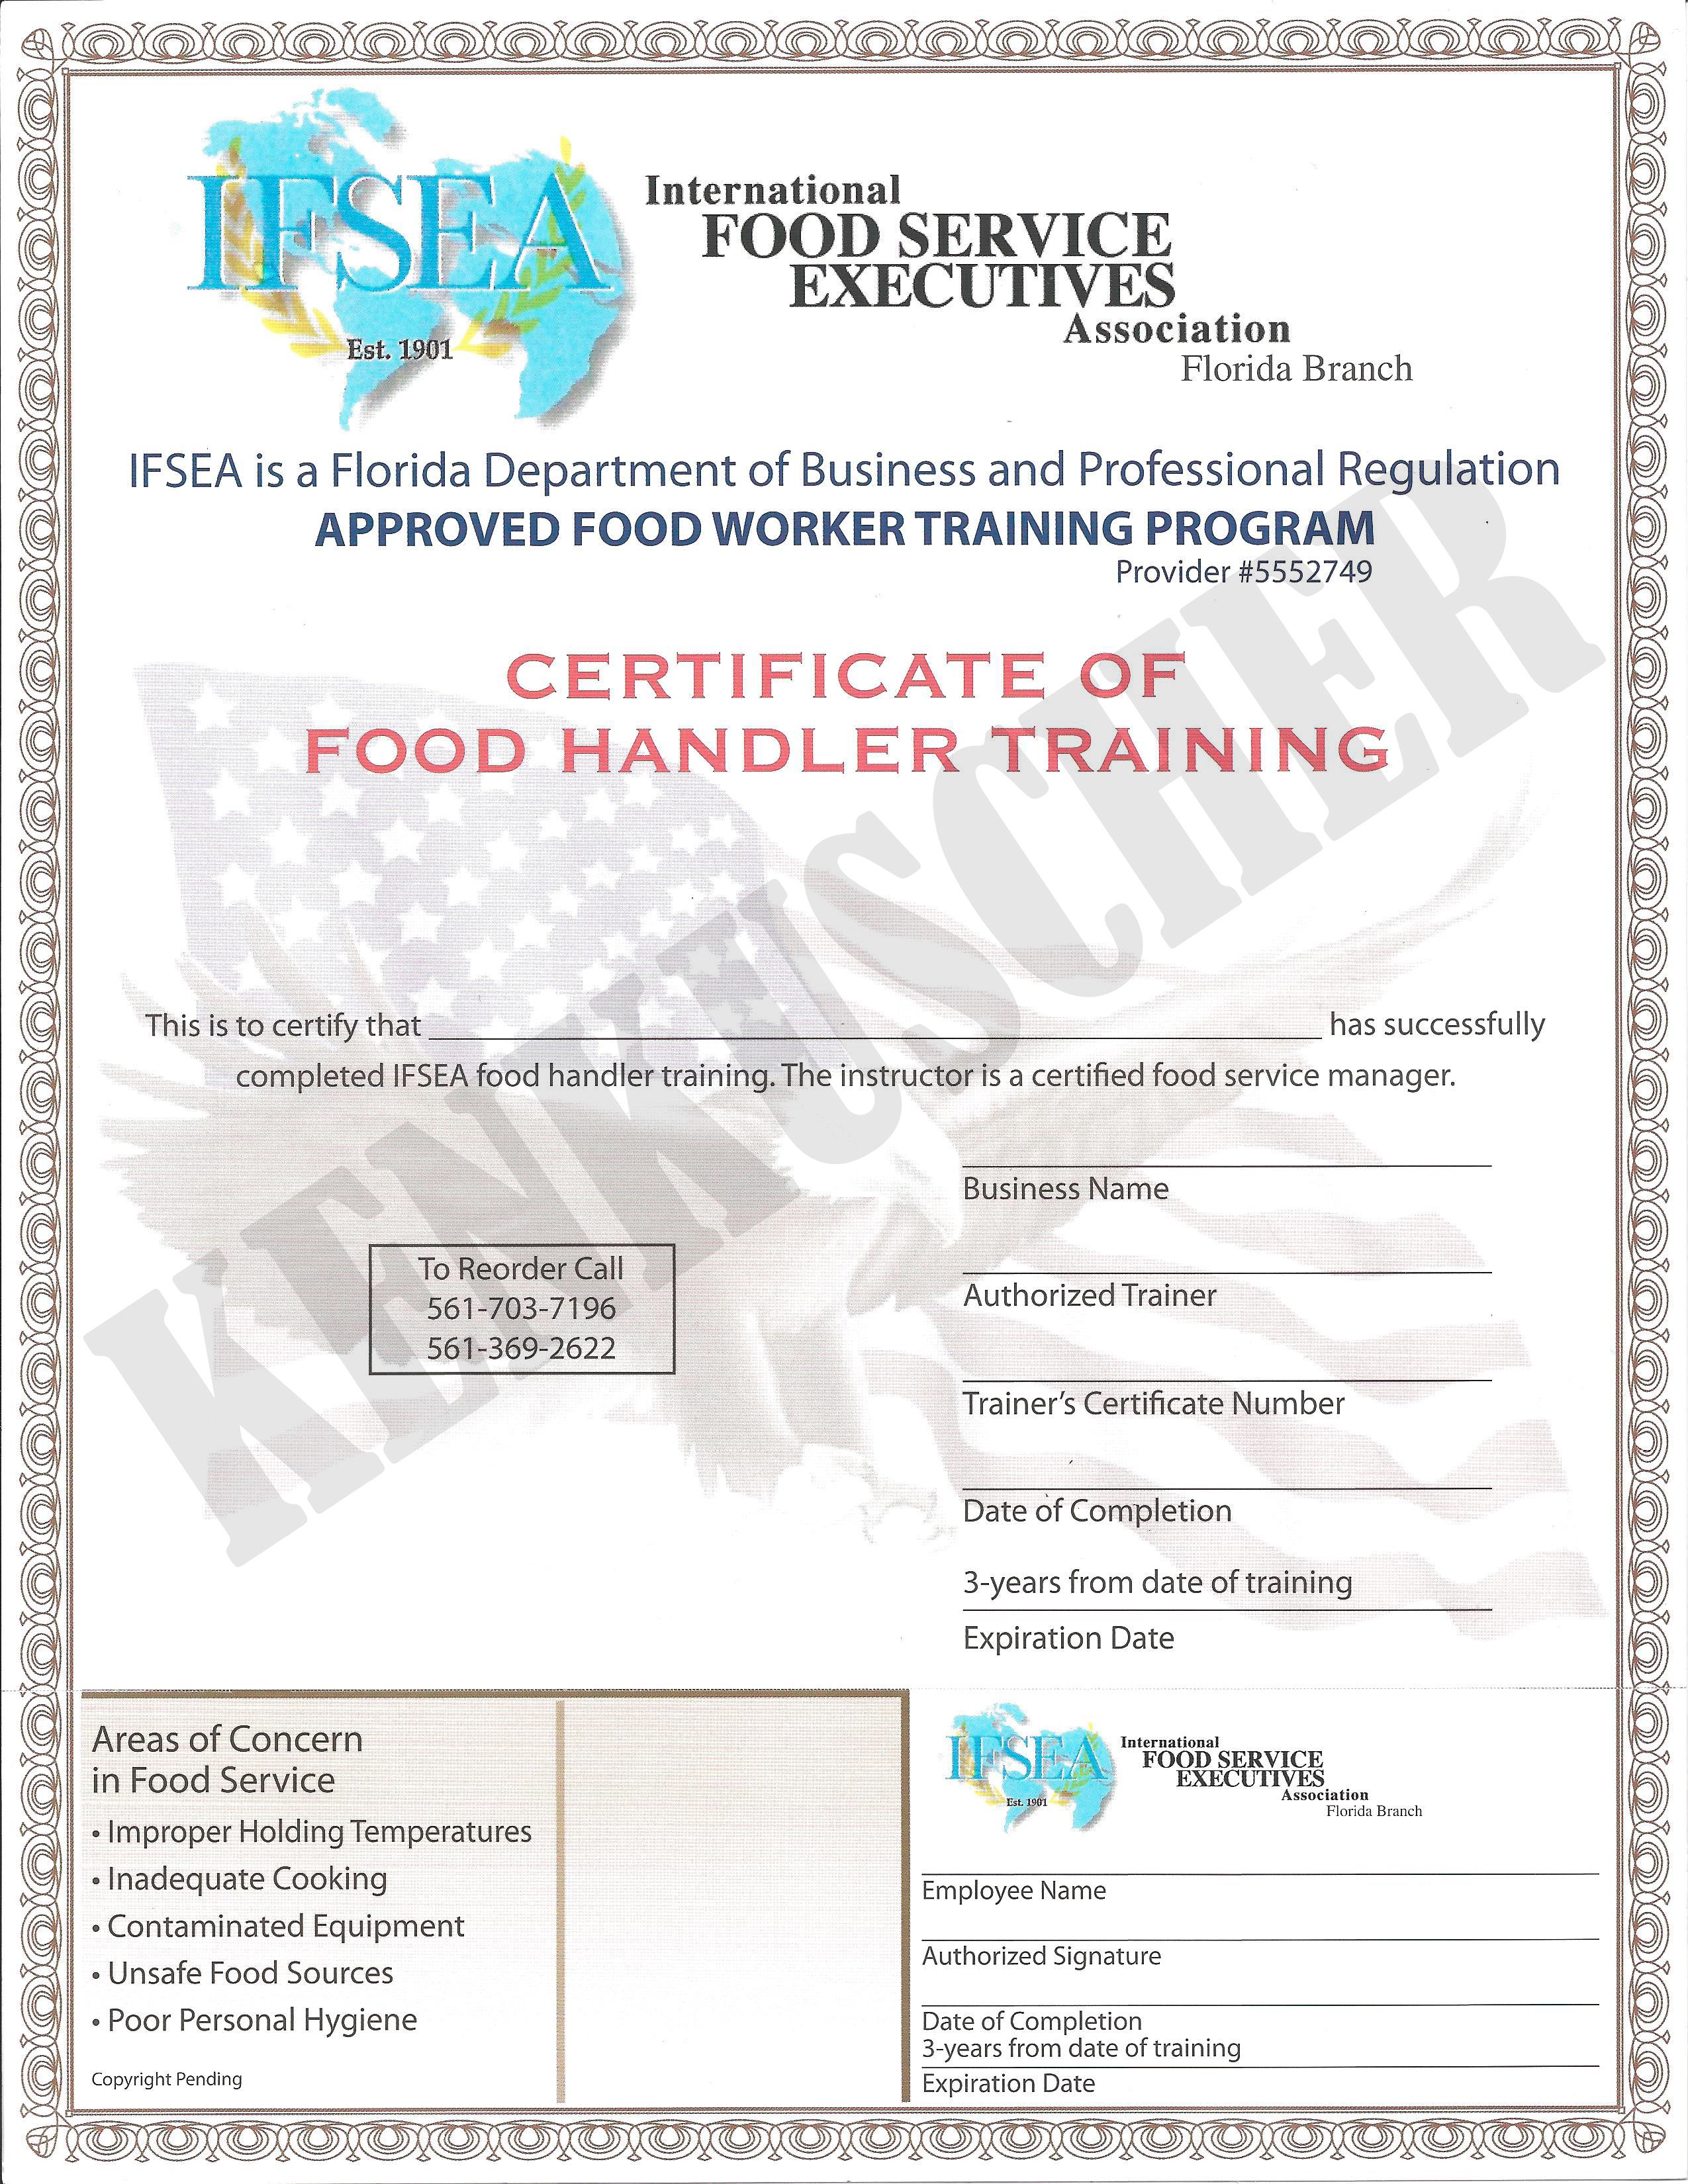 Florida Food Handler Certificates Florida Food Handler Certificates